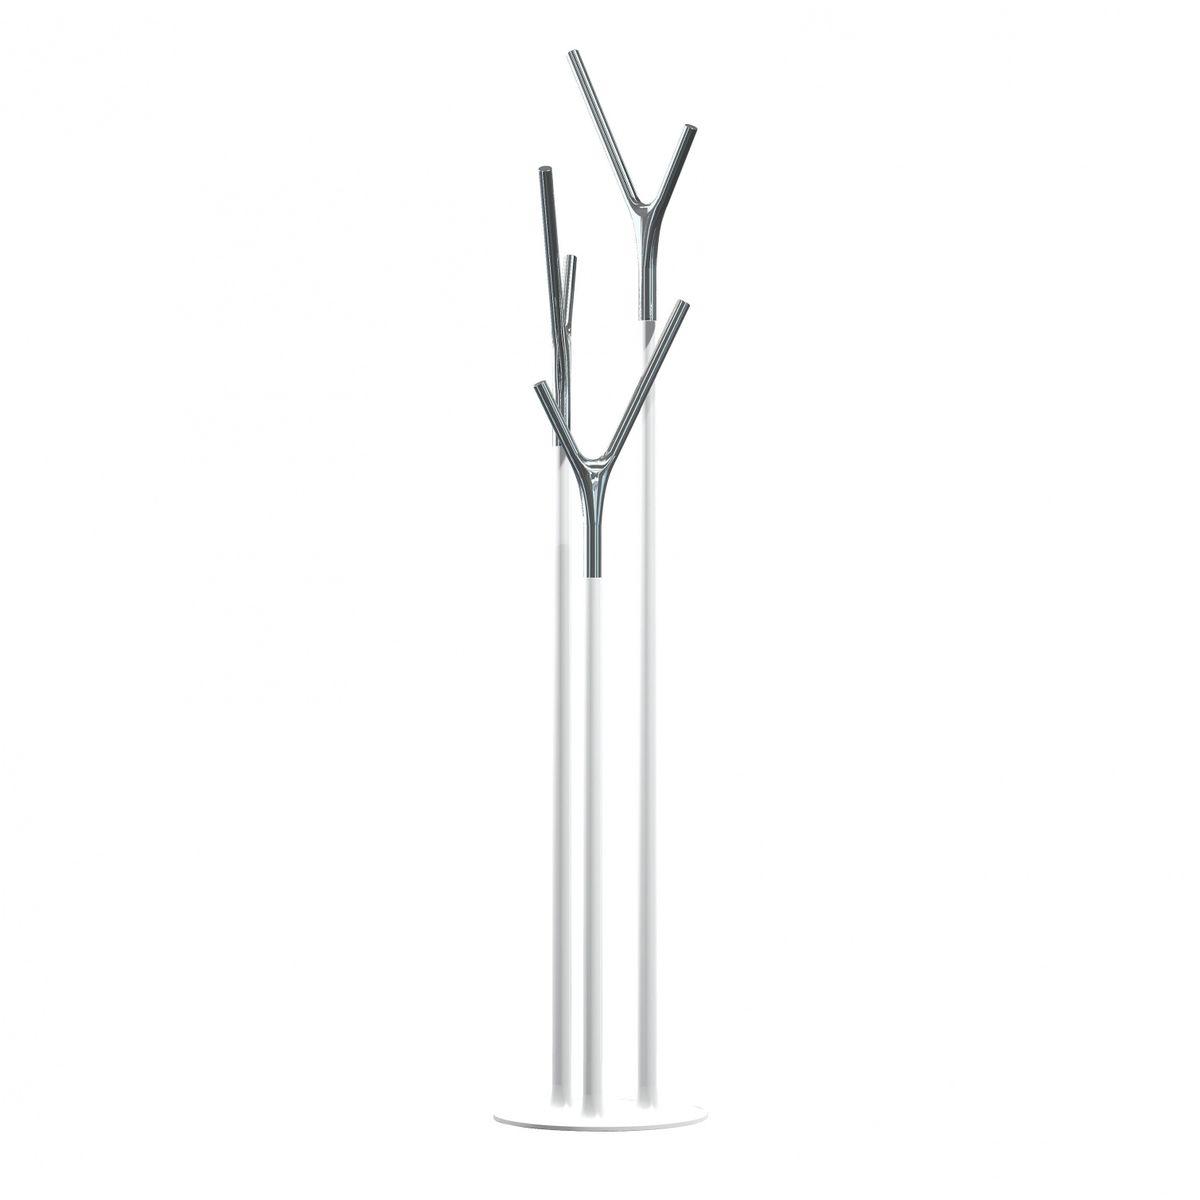 wishbone coat rack  frost  flemming busk  ambientedirectcom - frost  wishbone coat rack  whitestainless steelh cm